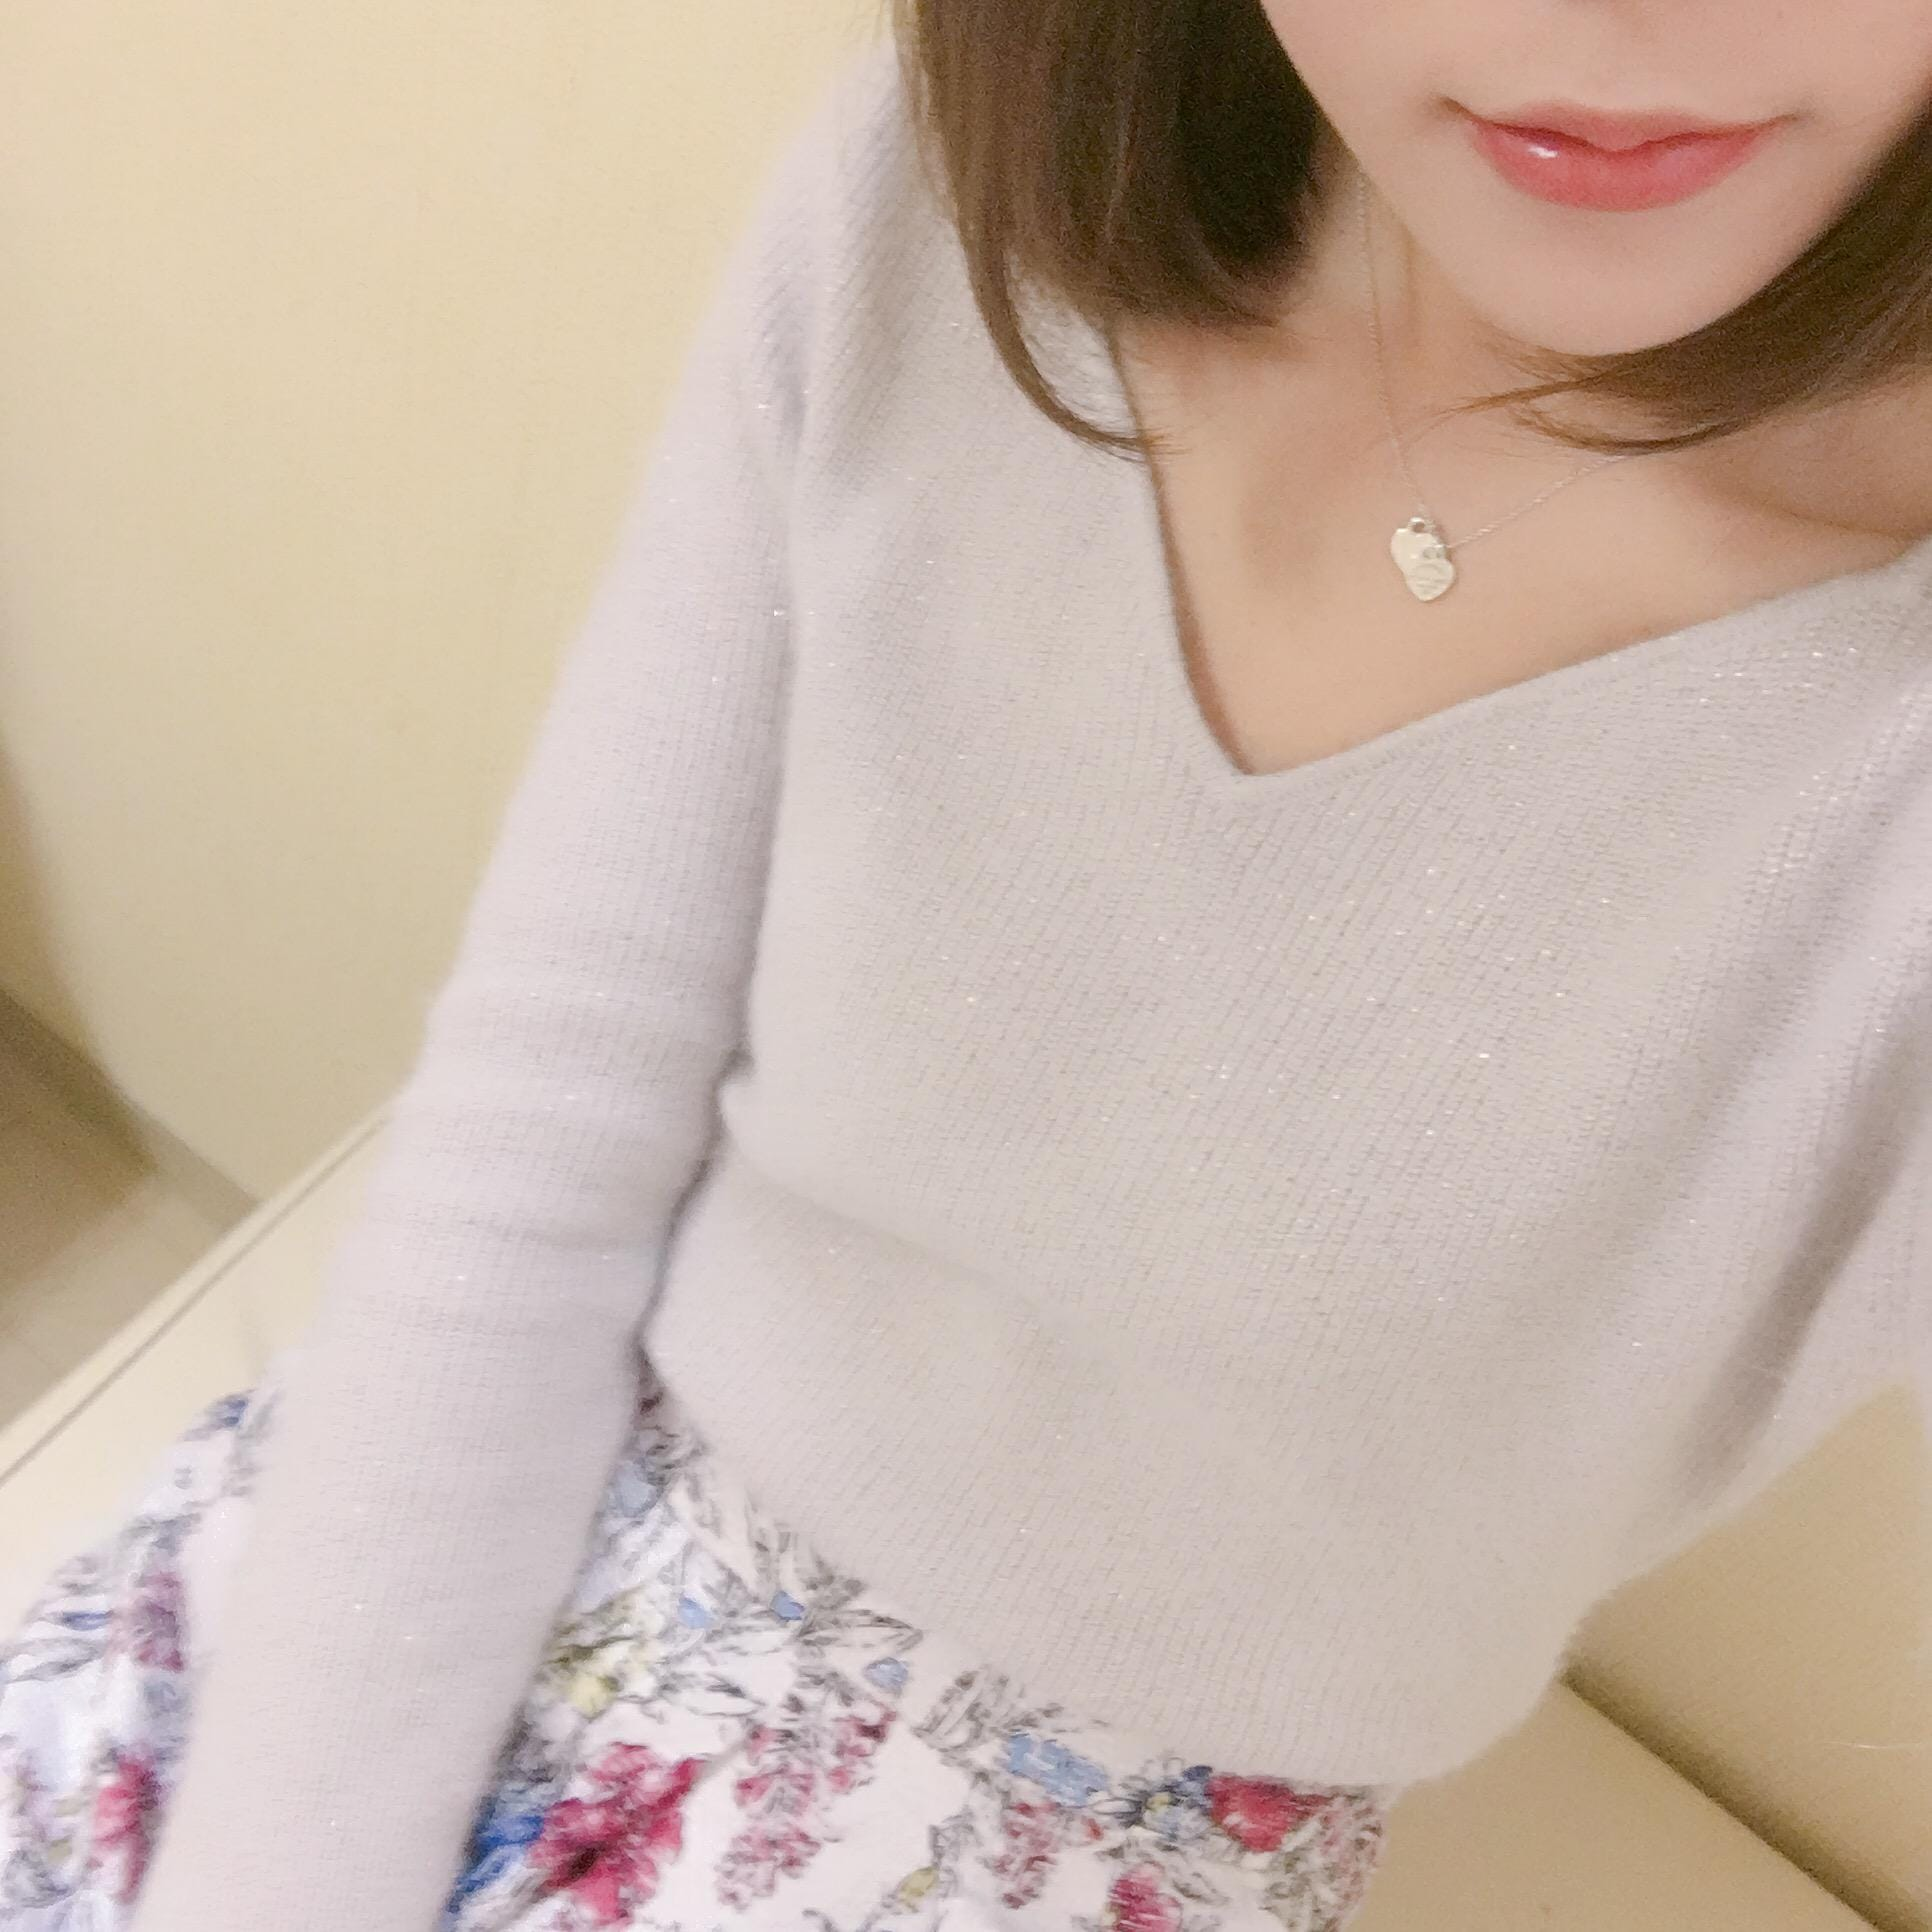 「りほです☆彡」10/20(土) 18:46 | りほの写メ・風俗動画